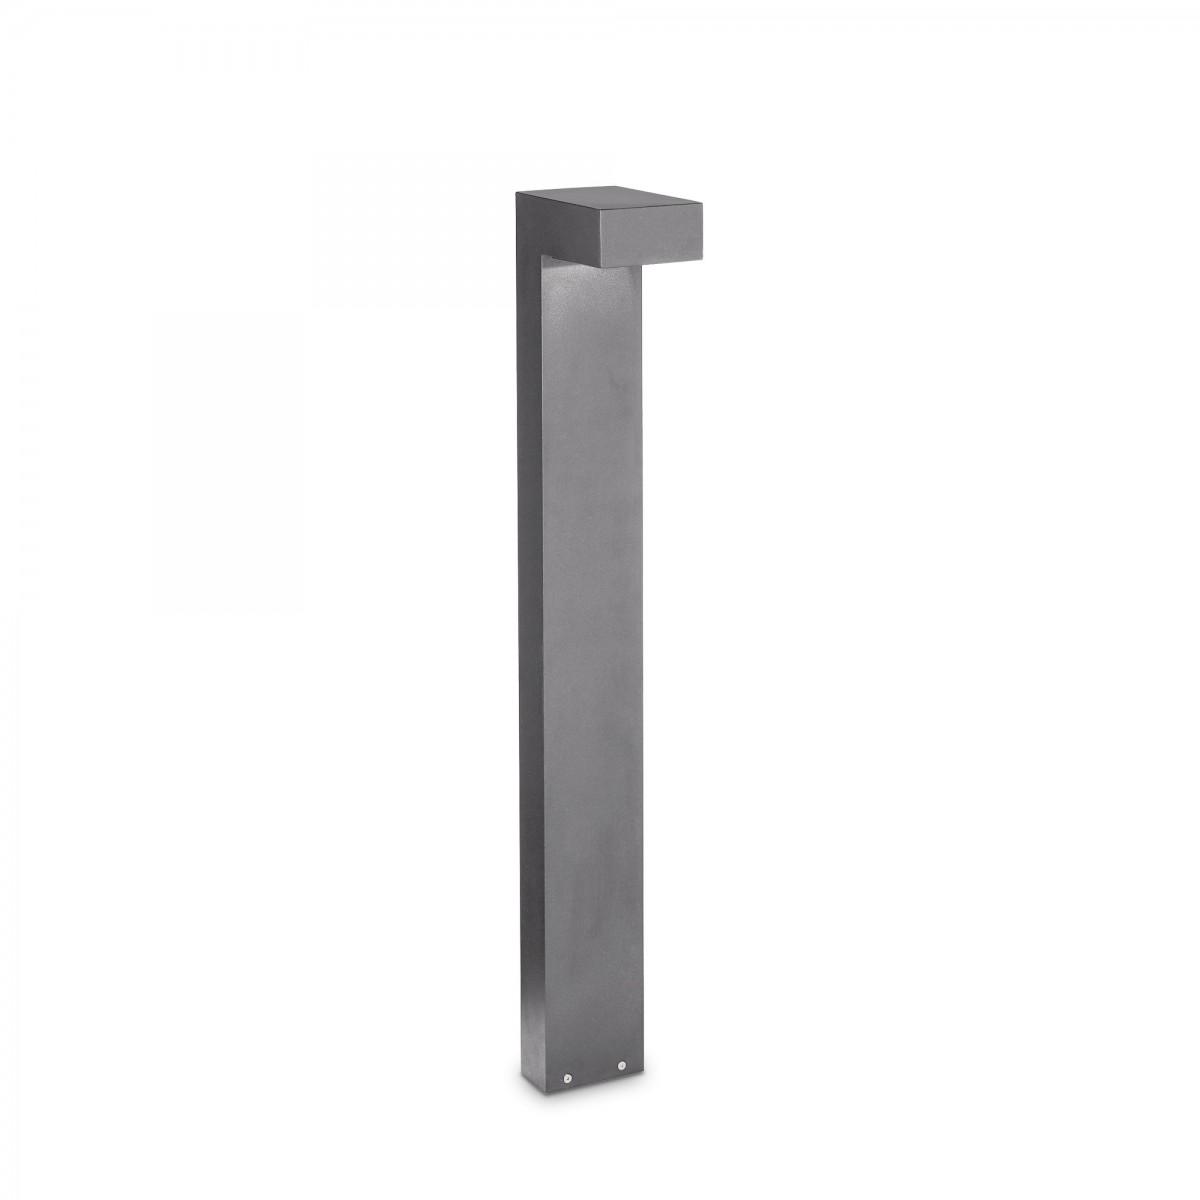 Ideal Lux 246963 zahradní sloupkové svítidlo Sirio Big 2x15W | G9 | IP44 - šedé